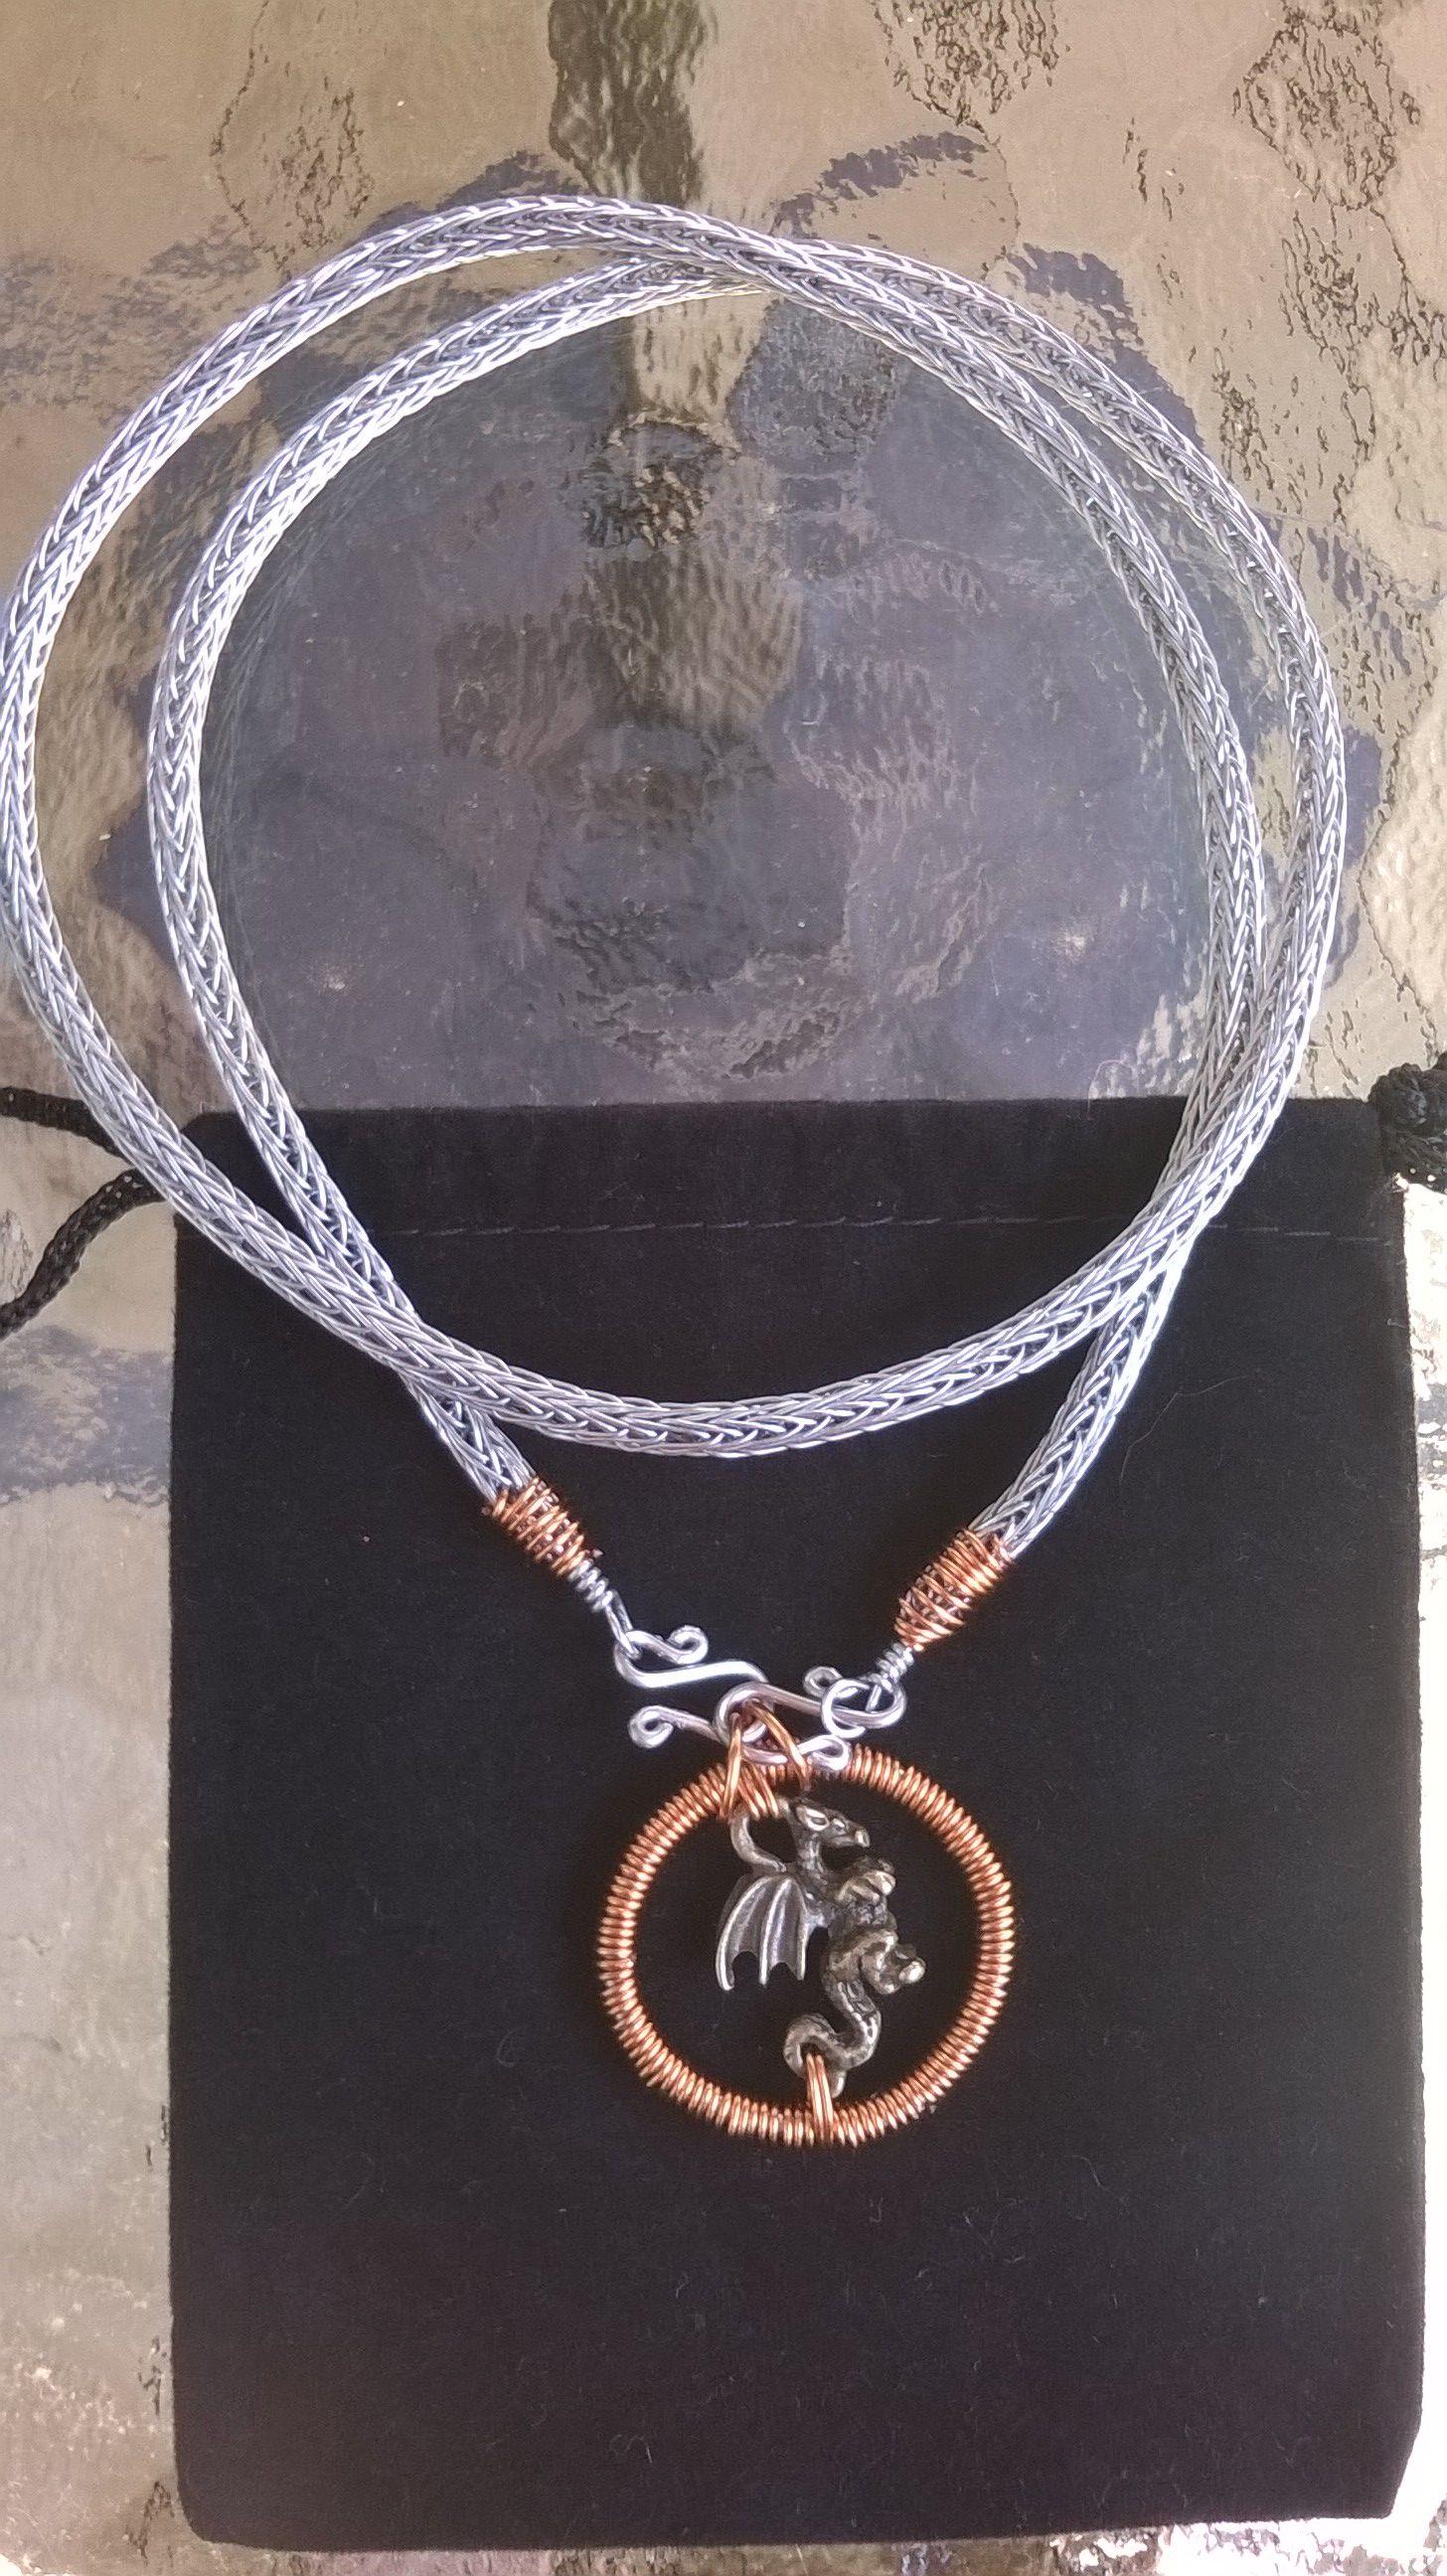 Collier en chaîne viking avec emblème Dragon, fait à la main